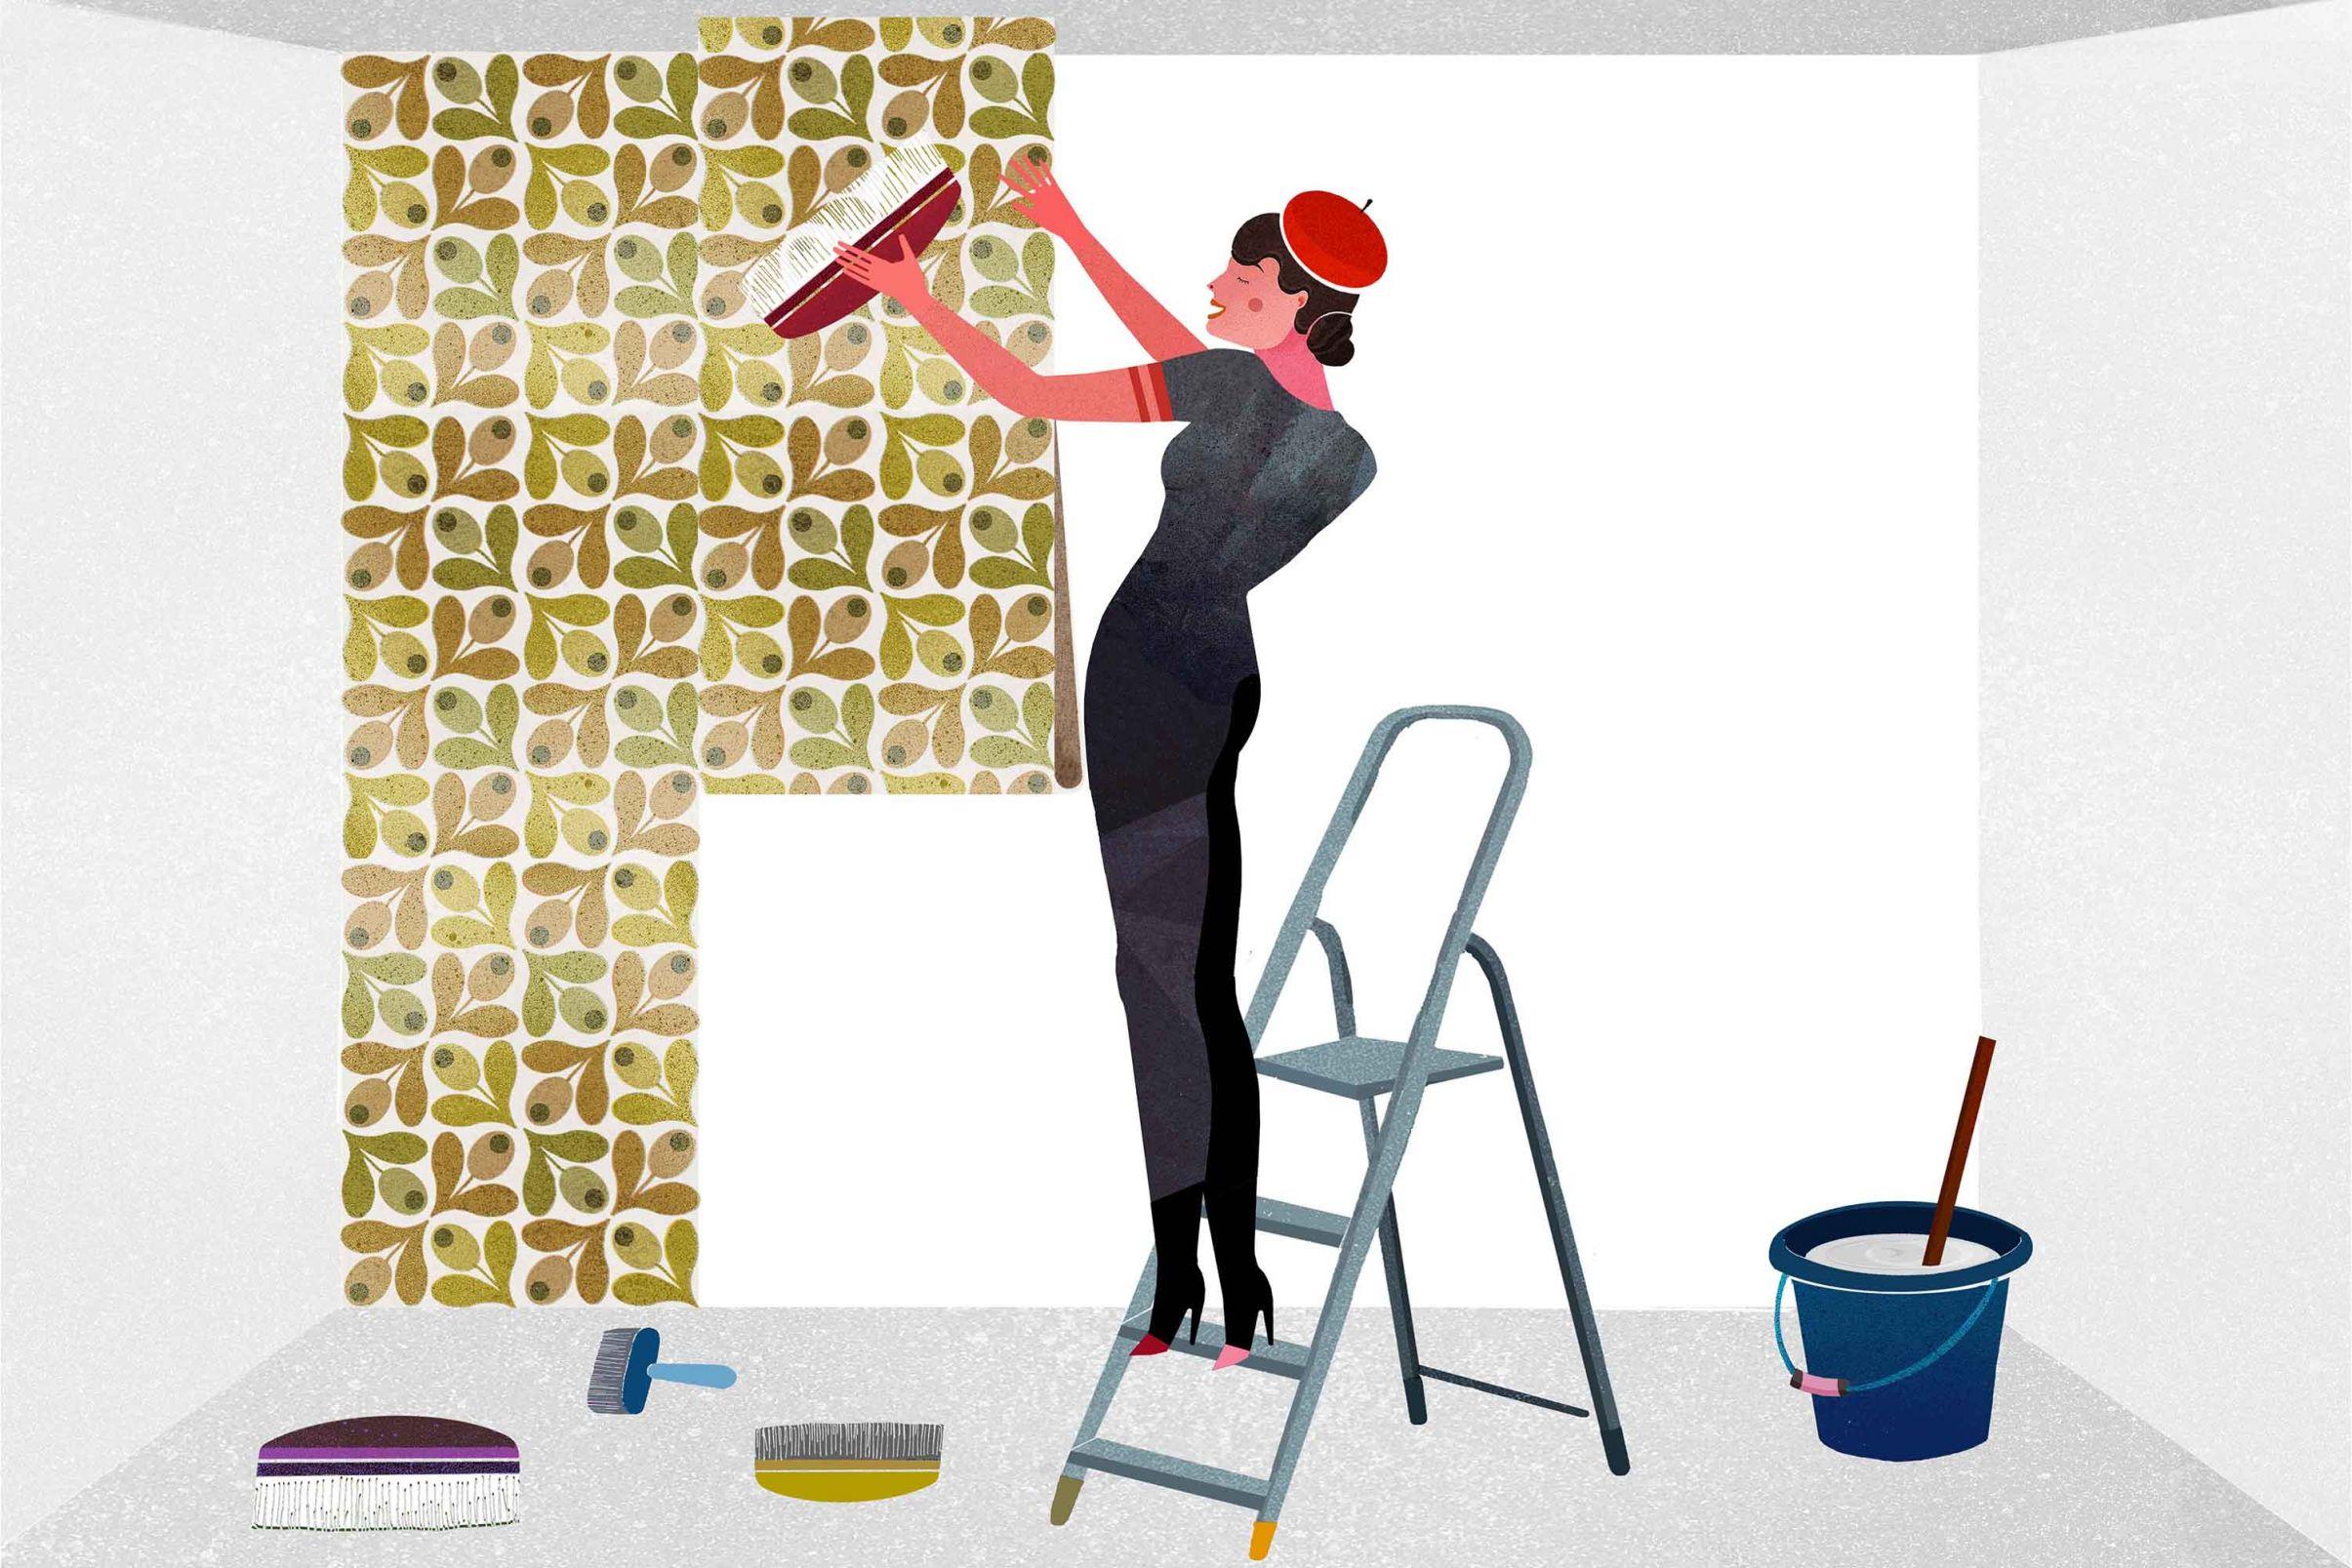 Como-colocar-papel-pintado-con-base-de-papel-Colocar-las-tiras-de-papel-pintado-en-la-pared